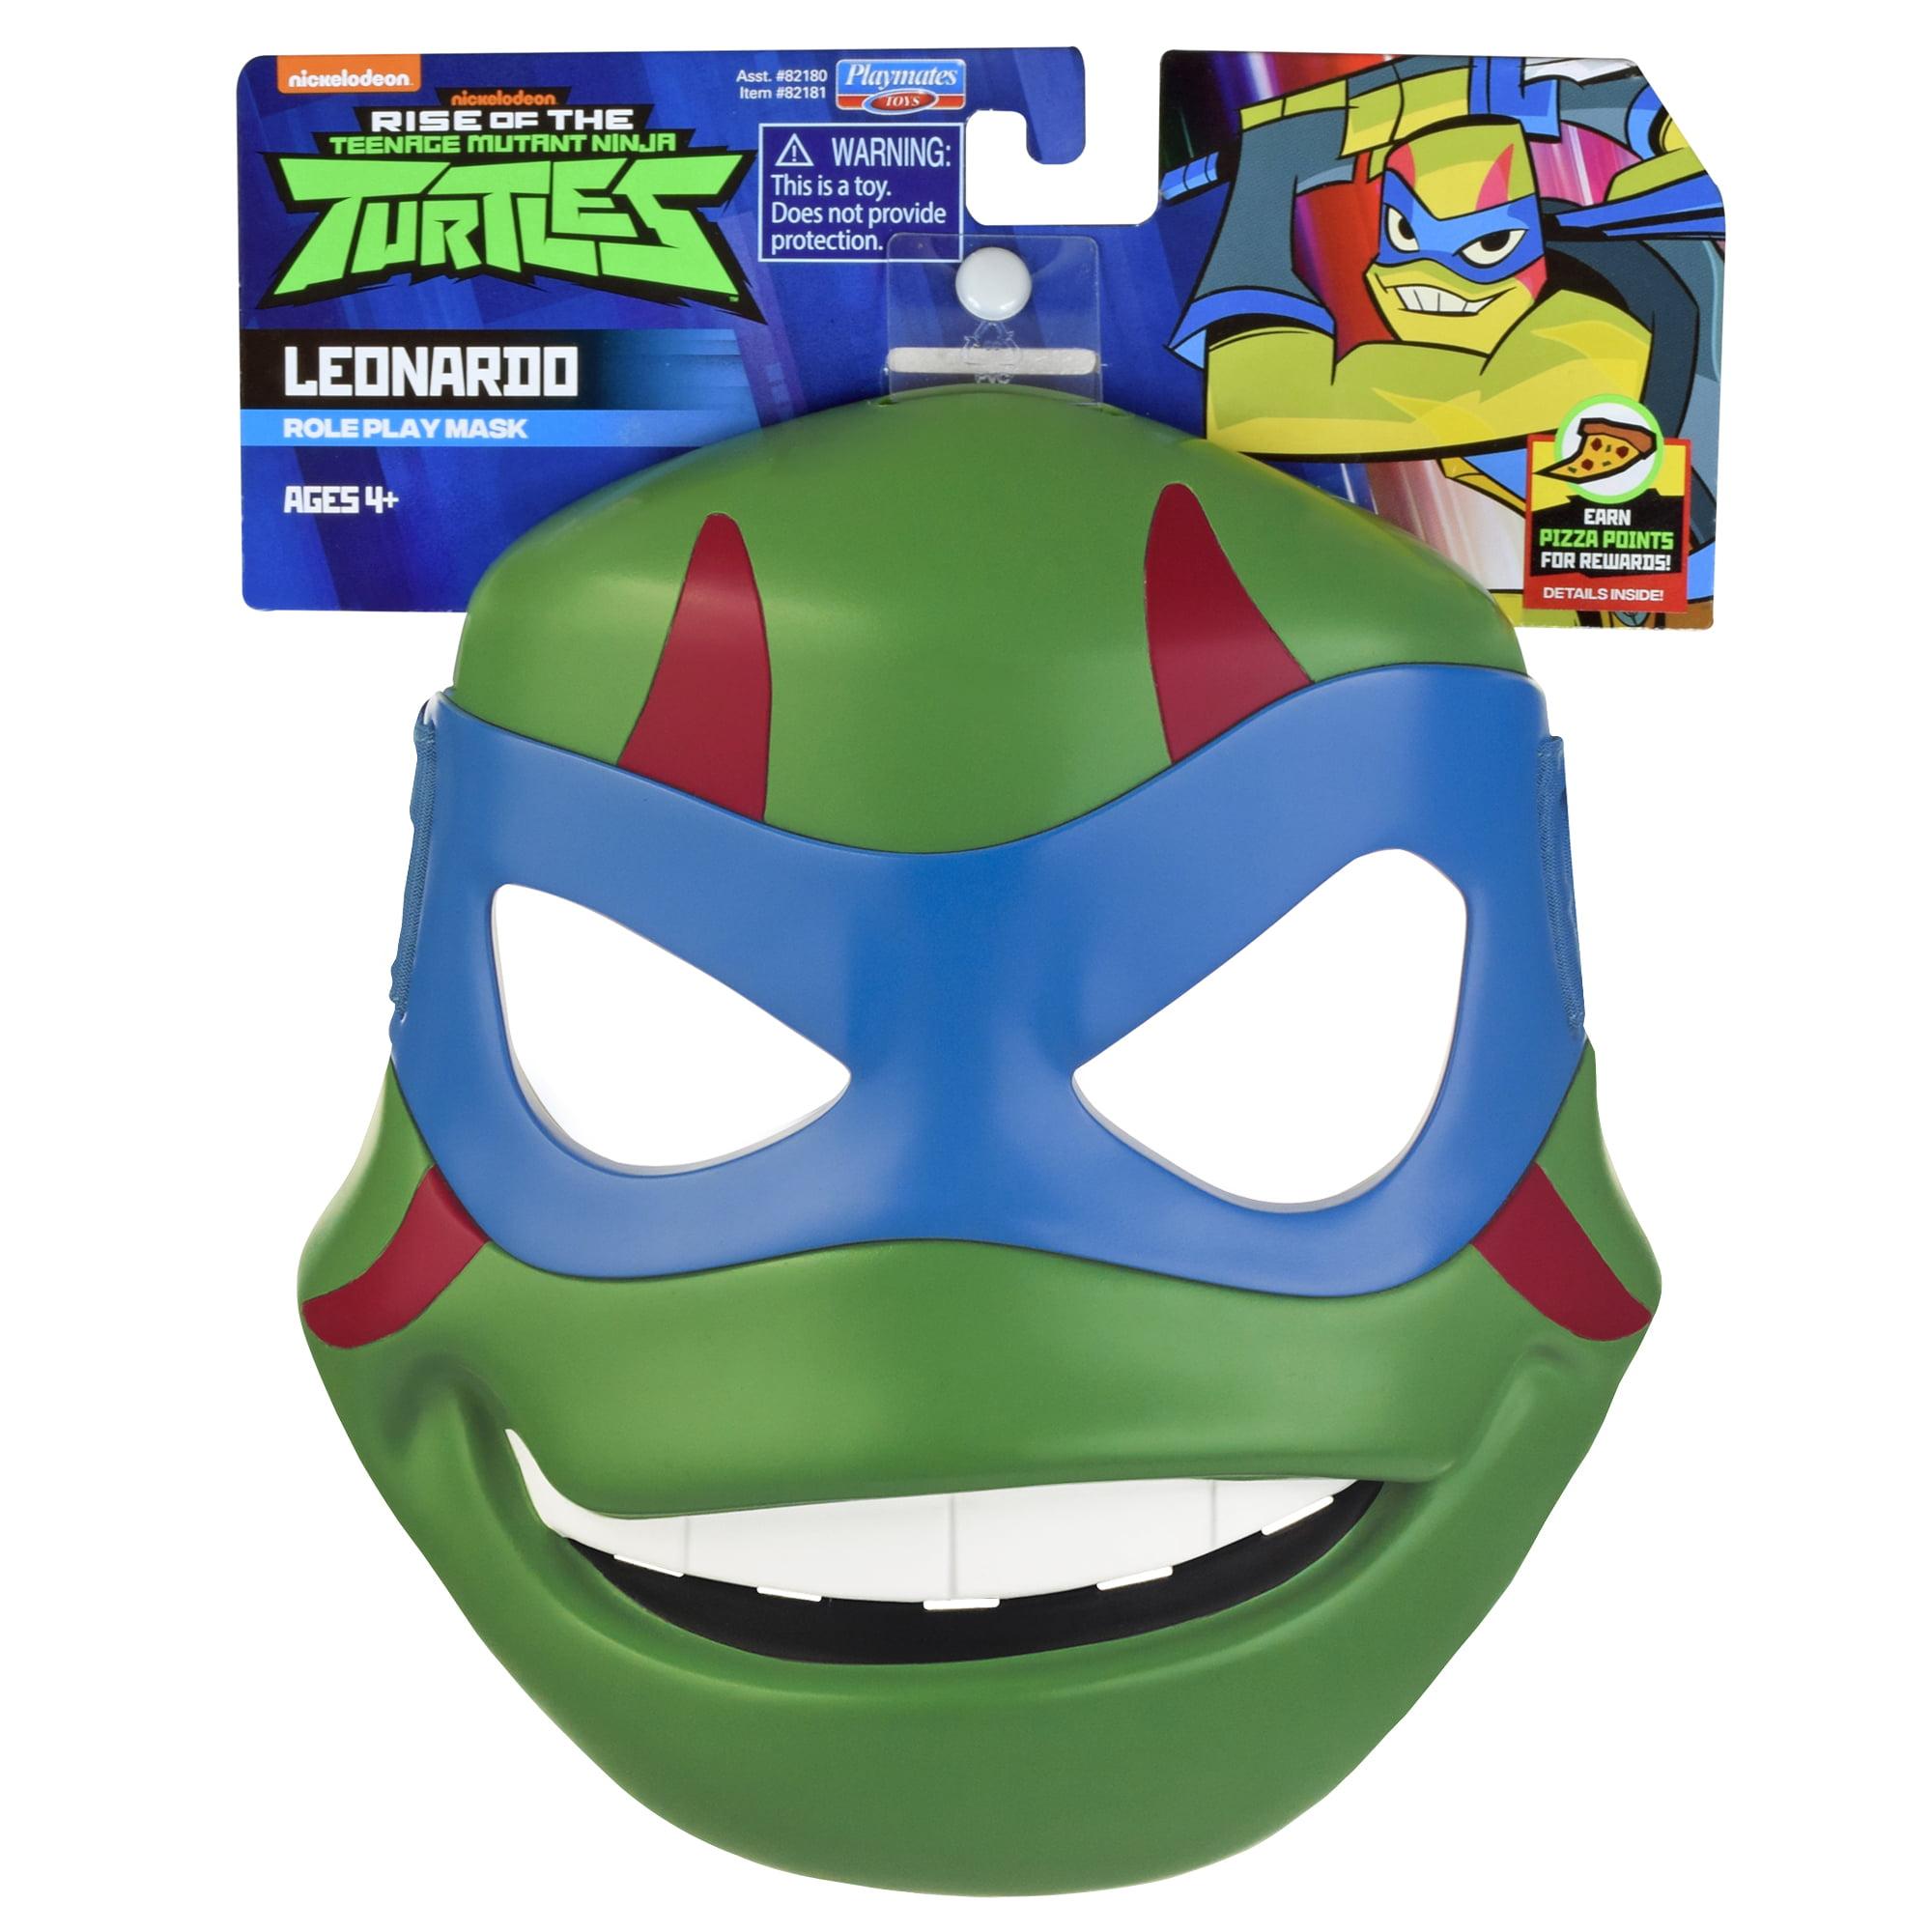 Rise of the Teenage Mutant Ninja Turtle Leonardo's Role Play Mask